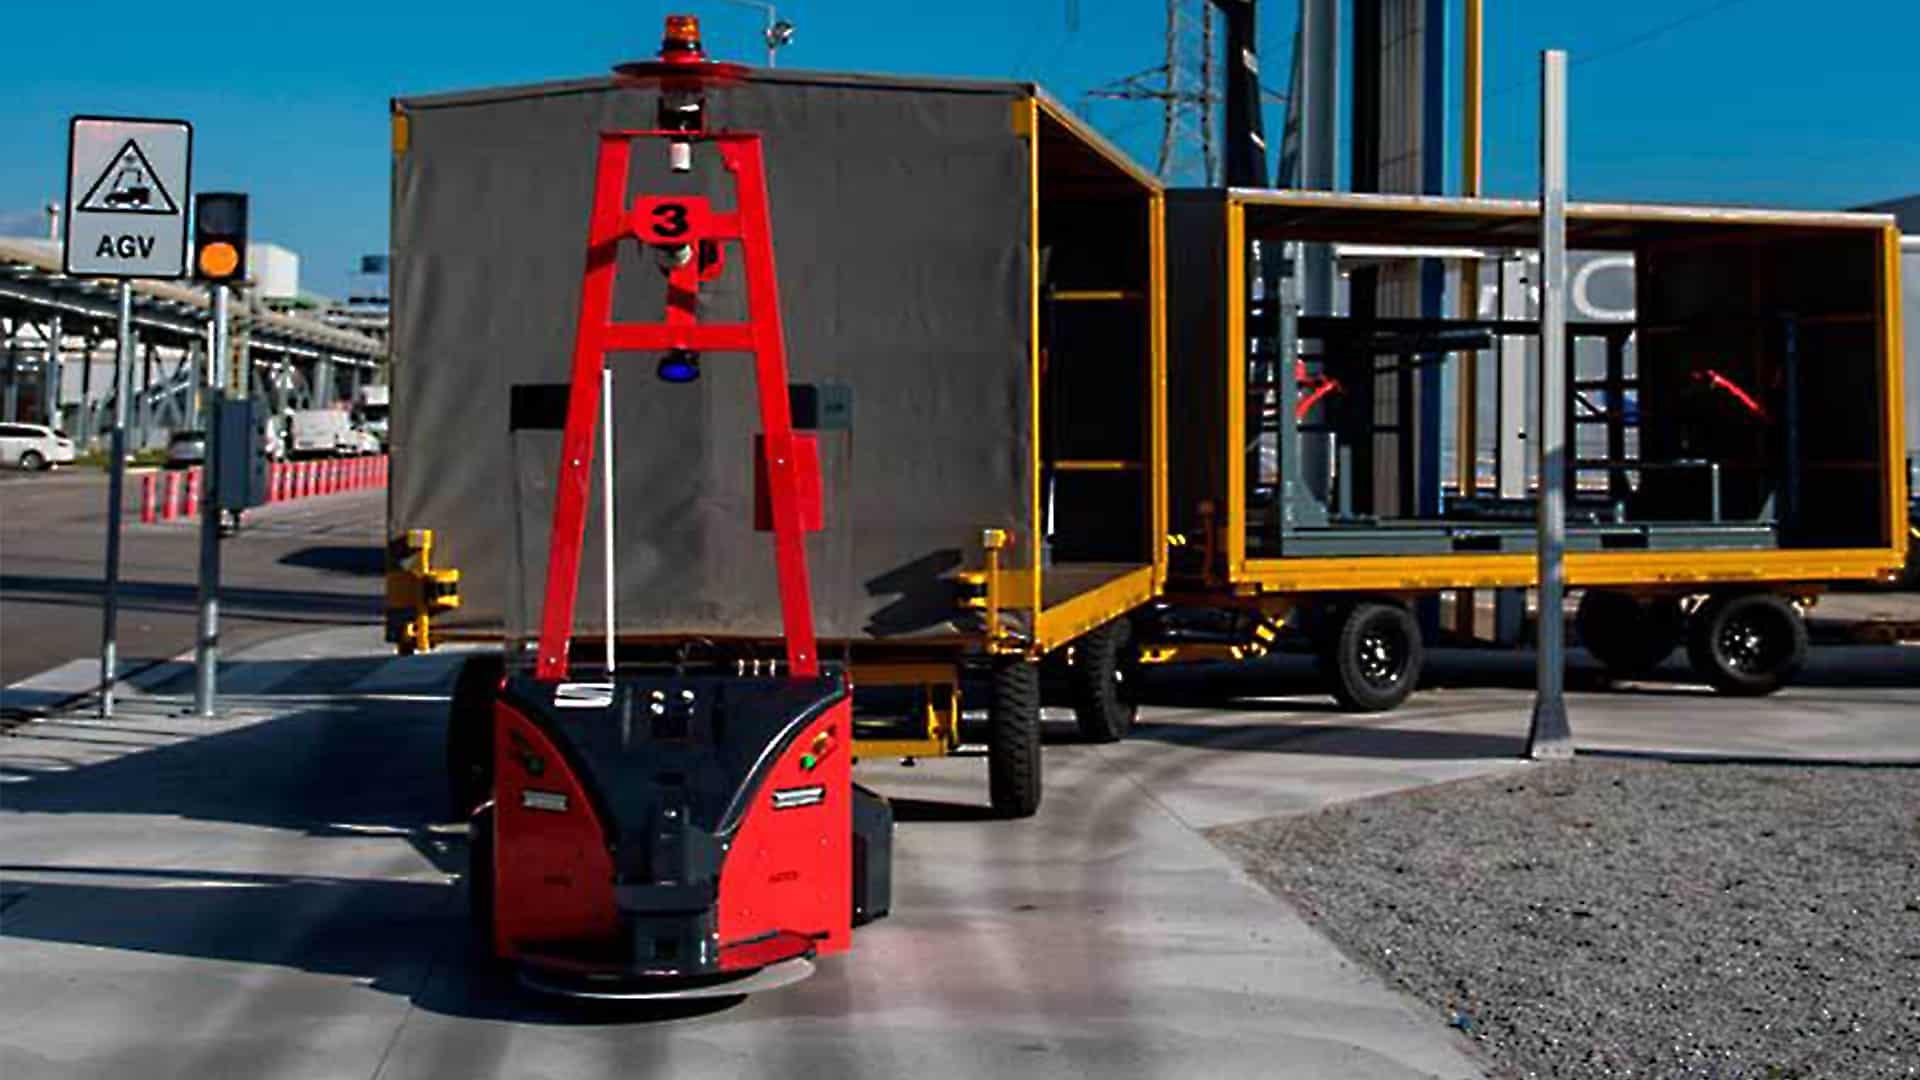 Nous avons aidé ASTI Mobile Robotics à installer ses AGV de remorquage Tribot pilotés